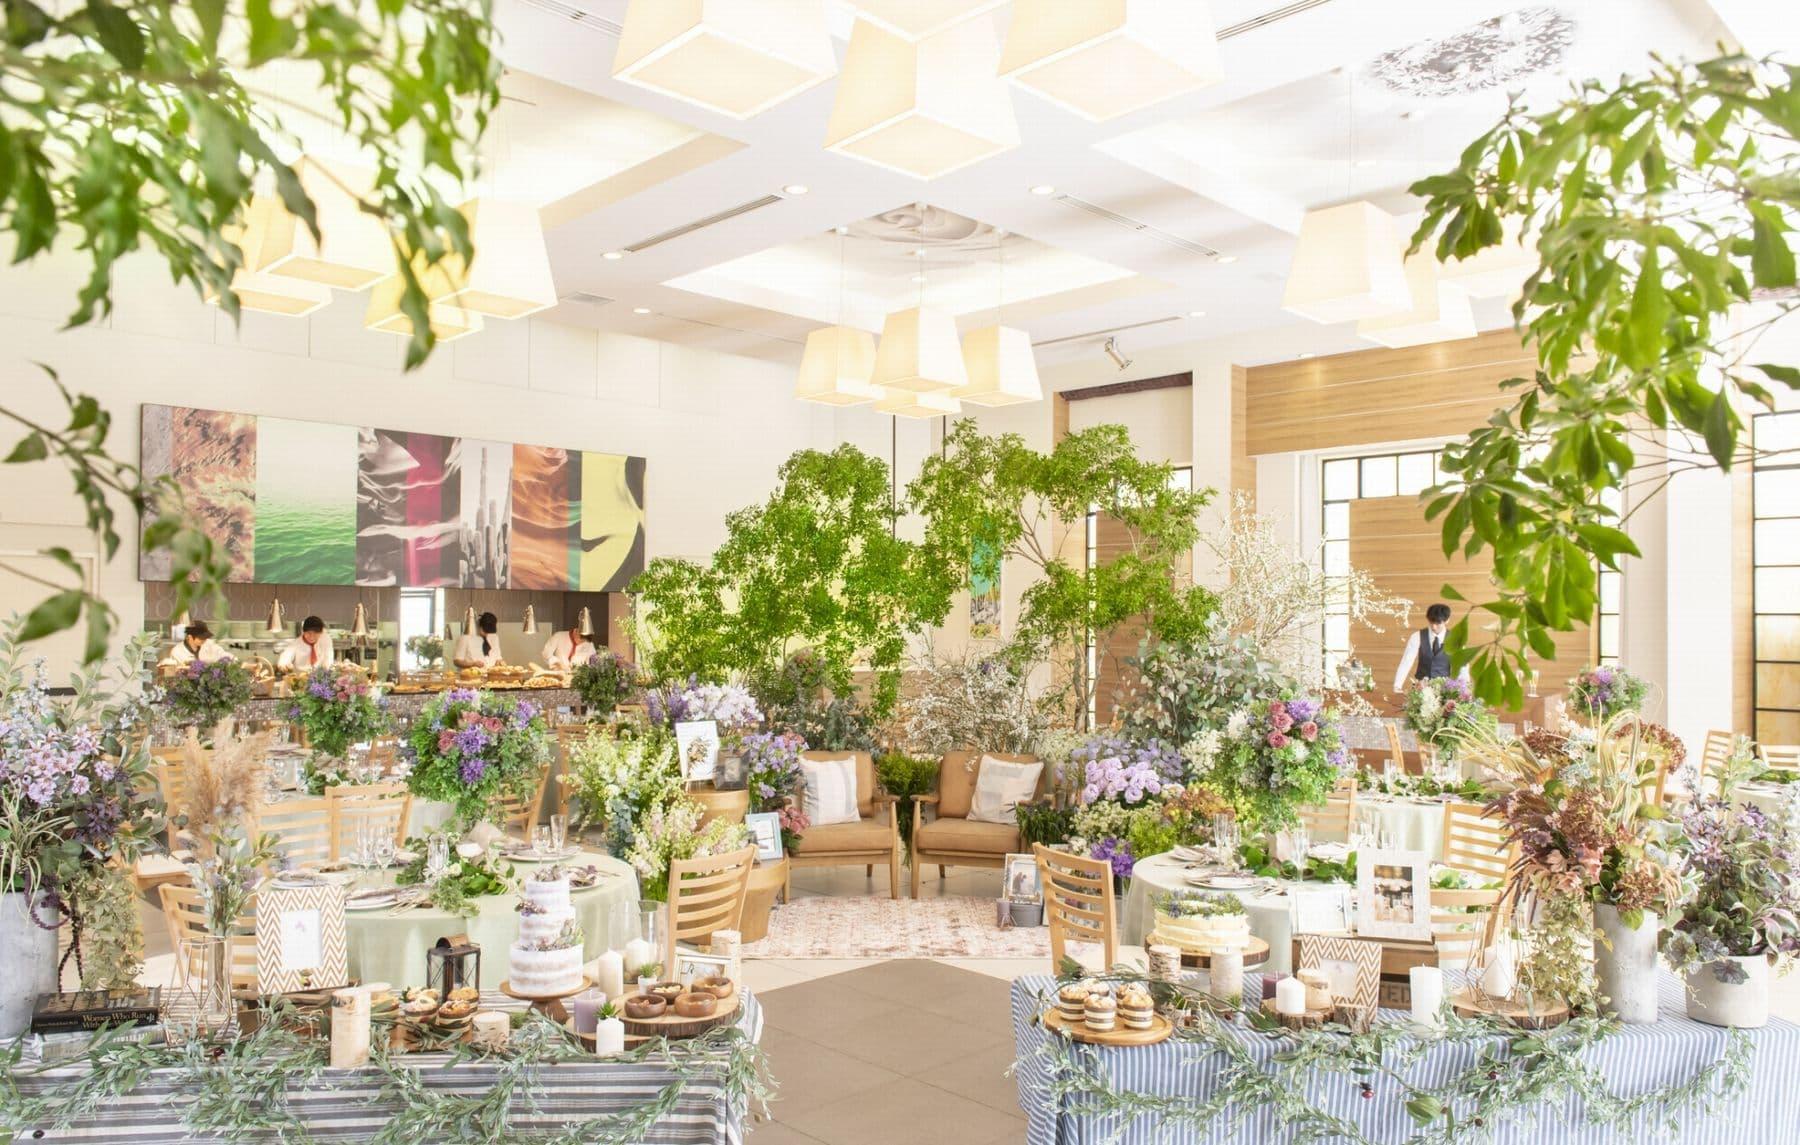 香川県の結婚式場シェルエメール&アイスタイルの貸切邸宅の新しいコーディネートが誕生